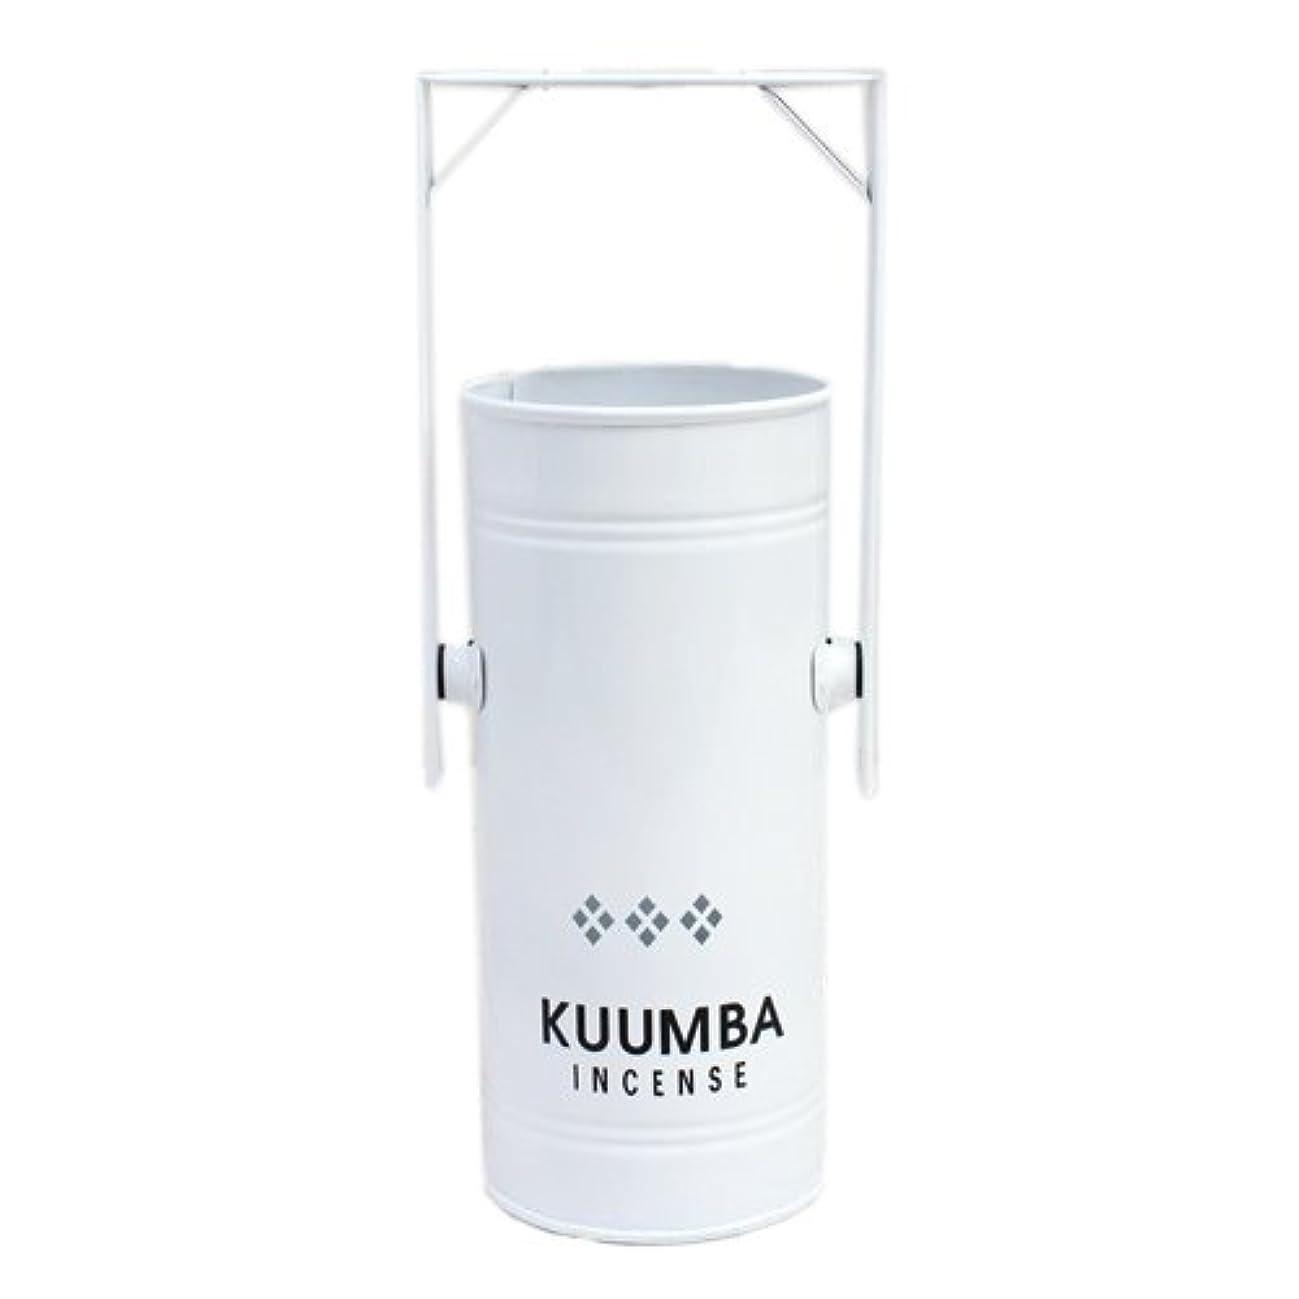 代表テクトニック相談するKUUMBA (クンバ)『INCENSE BURNER-Regular』(WHITE) (ONE SIZE, WHITE)